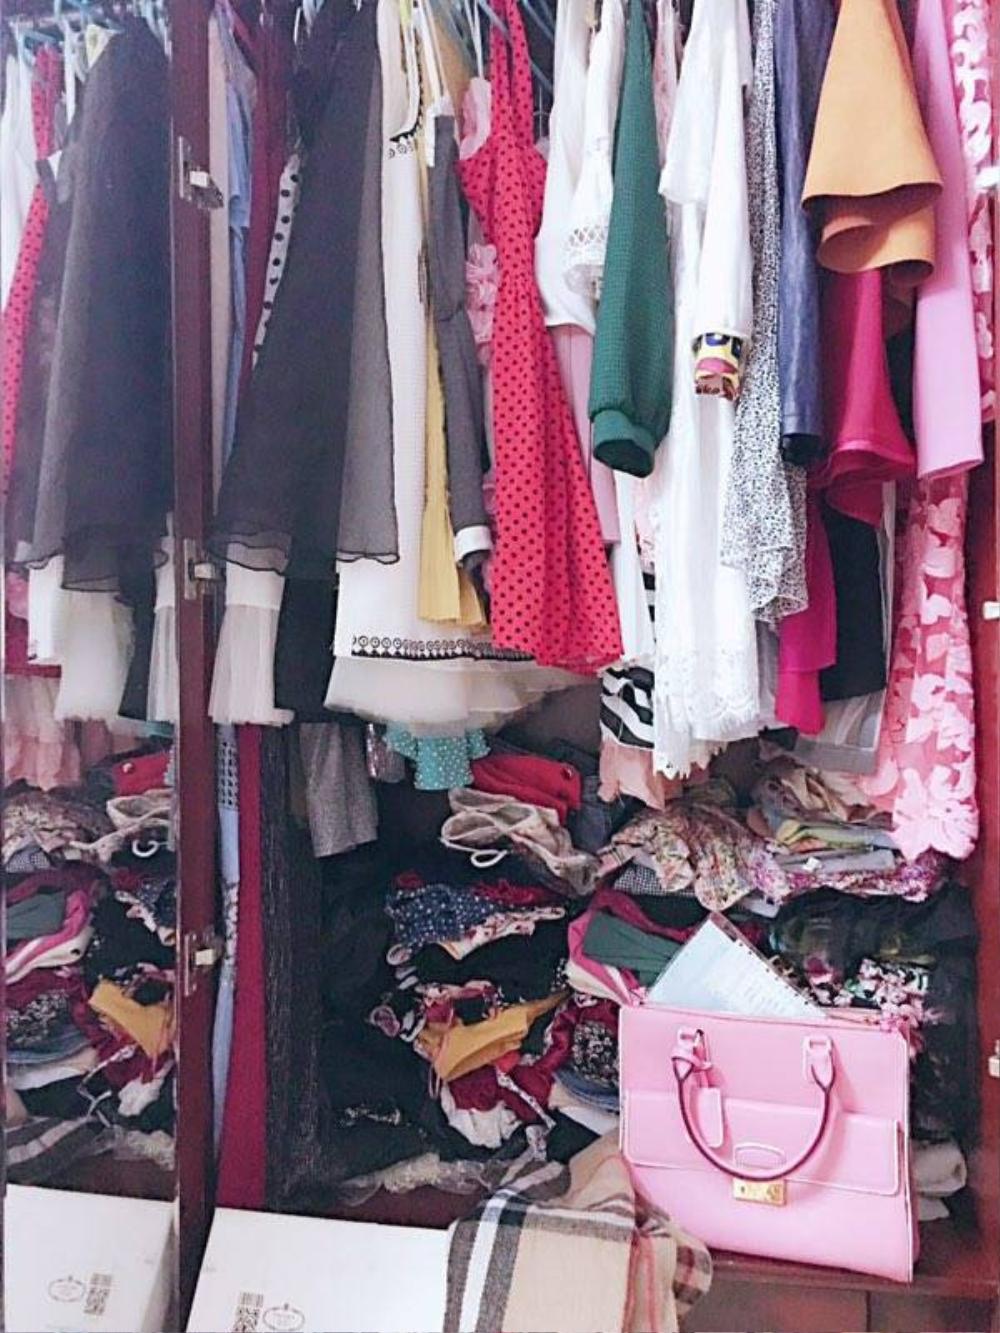 Tủ đồ có giá hơn 1 tỉ của cô gái 19 tuổi ở Sài Gòn trông... không thể tin nổi!